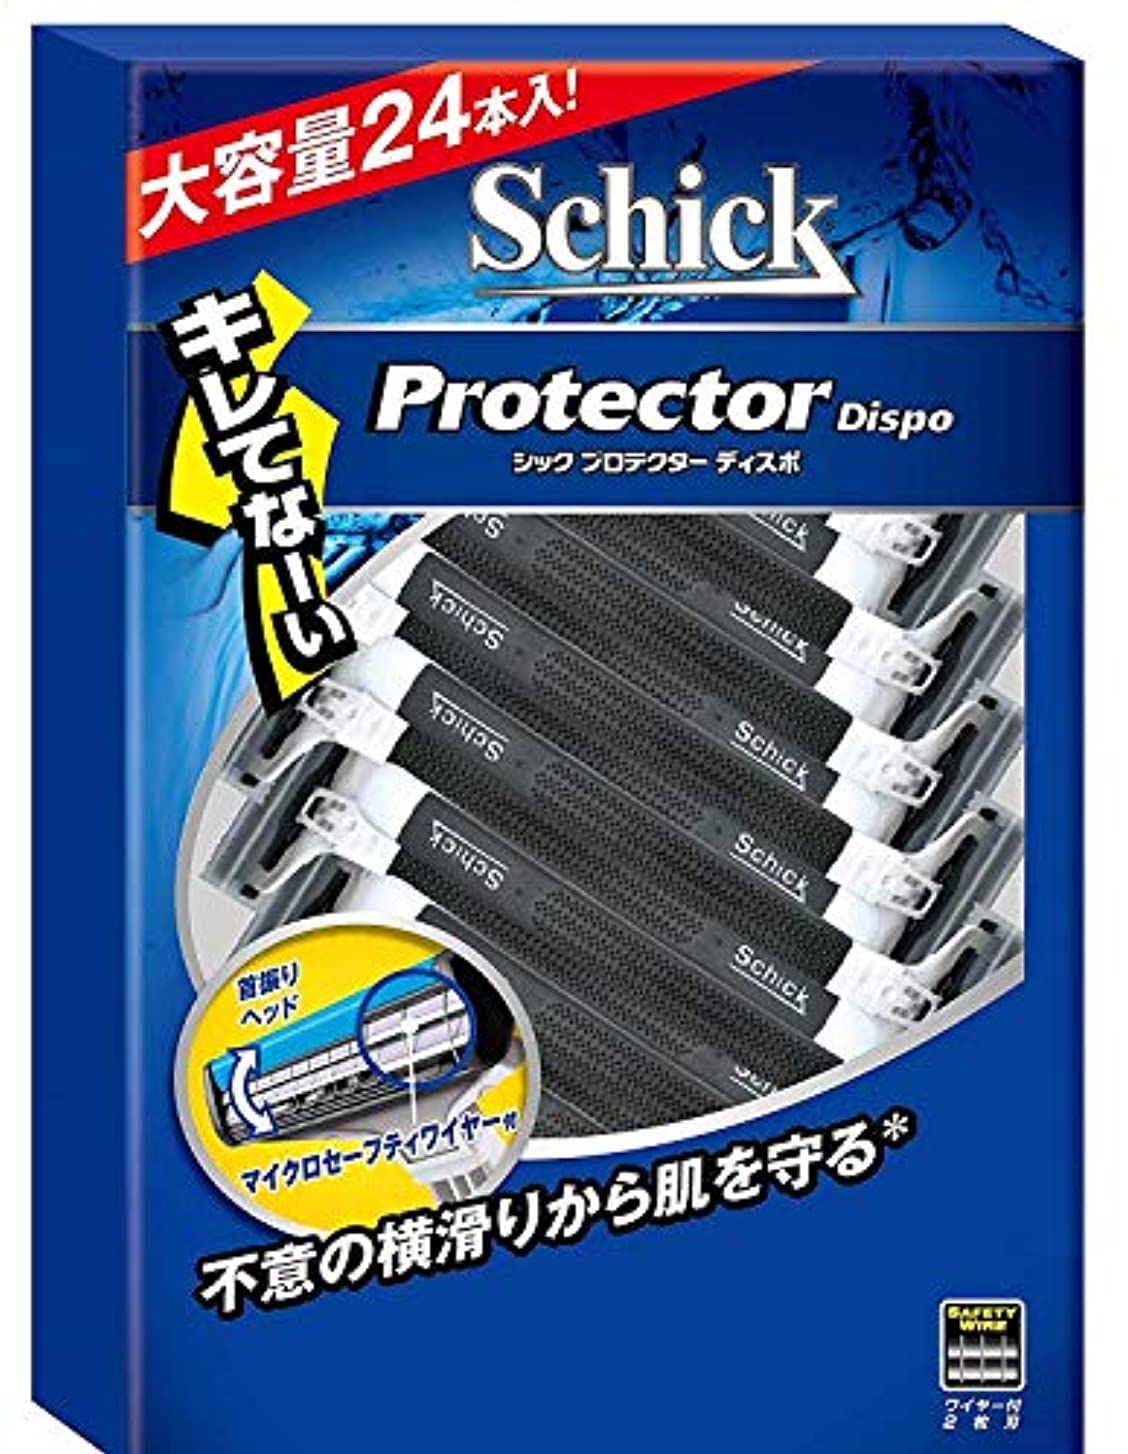 ワット破裂傘大容量 シック プロテクターディスポ 使い捨て (24本入) バリューパック